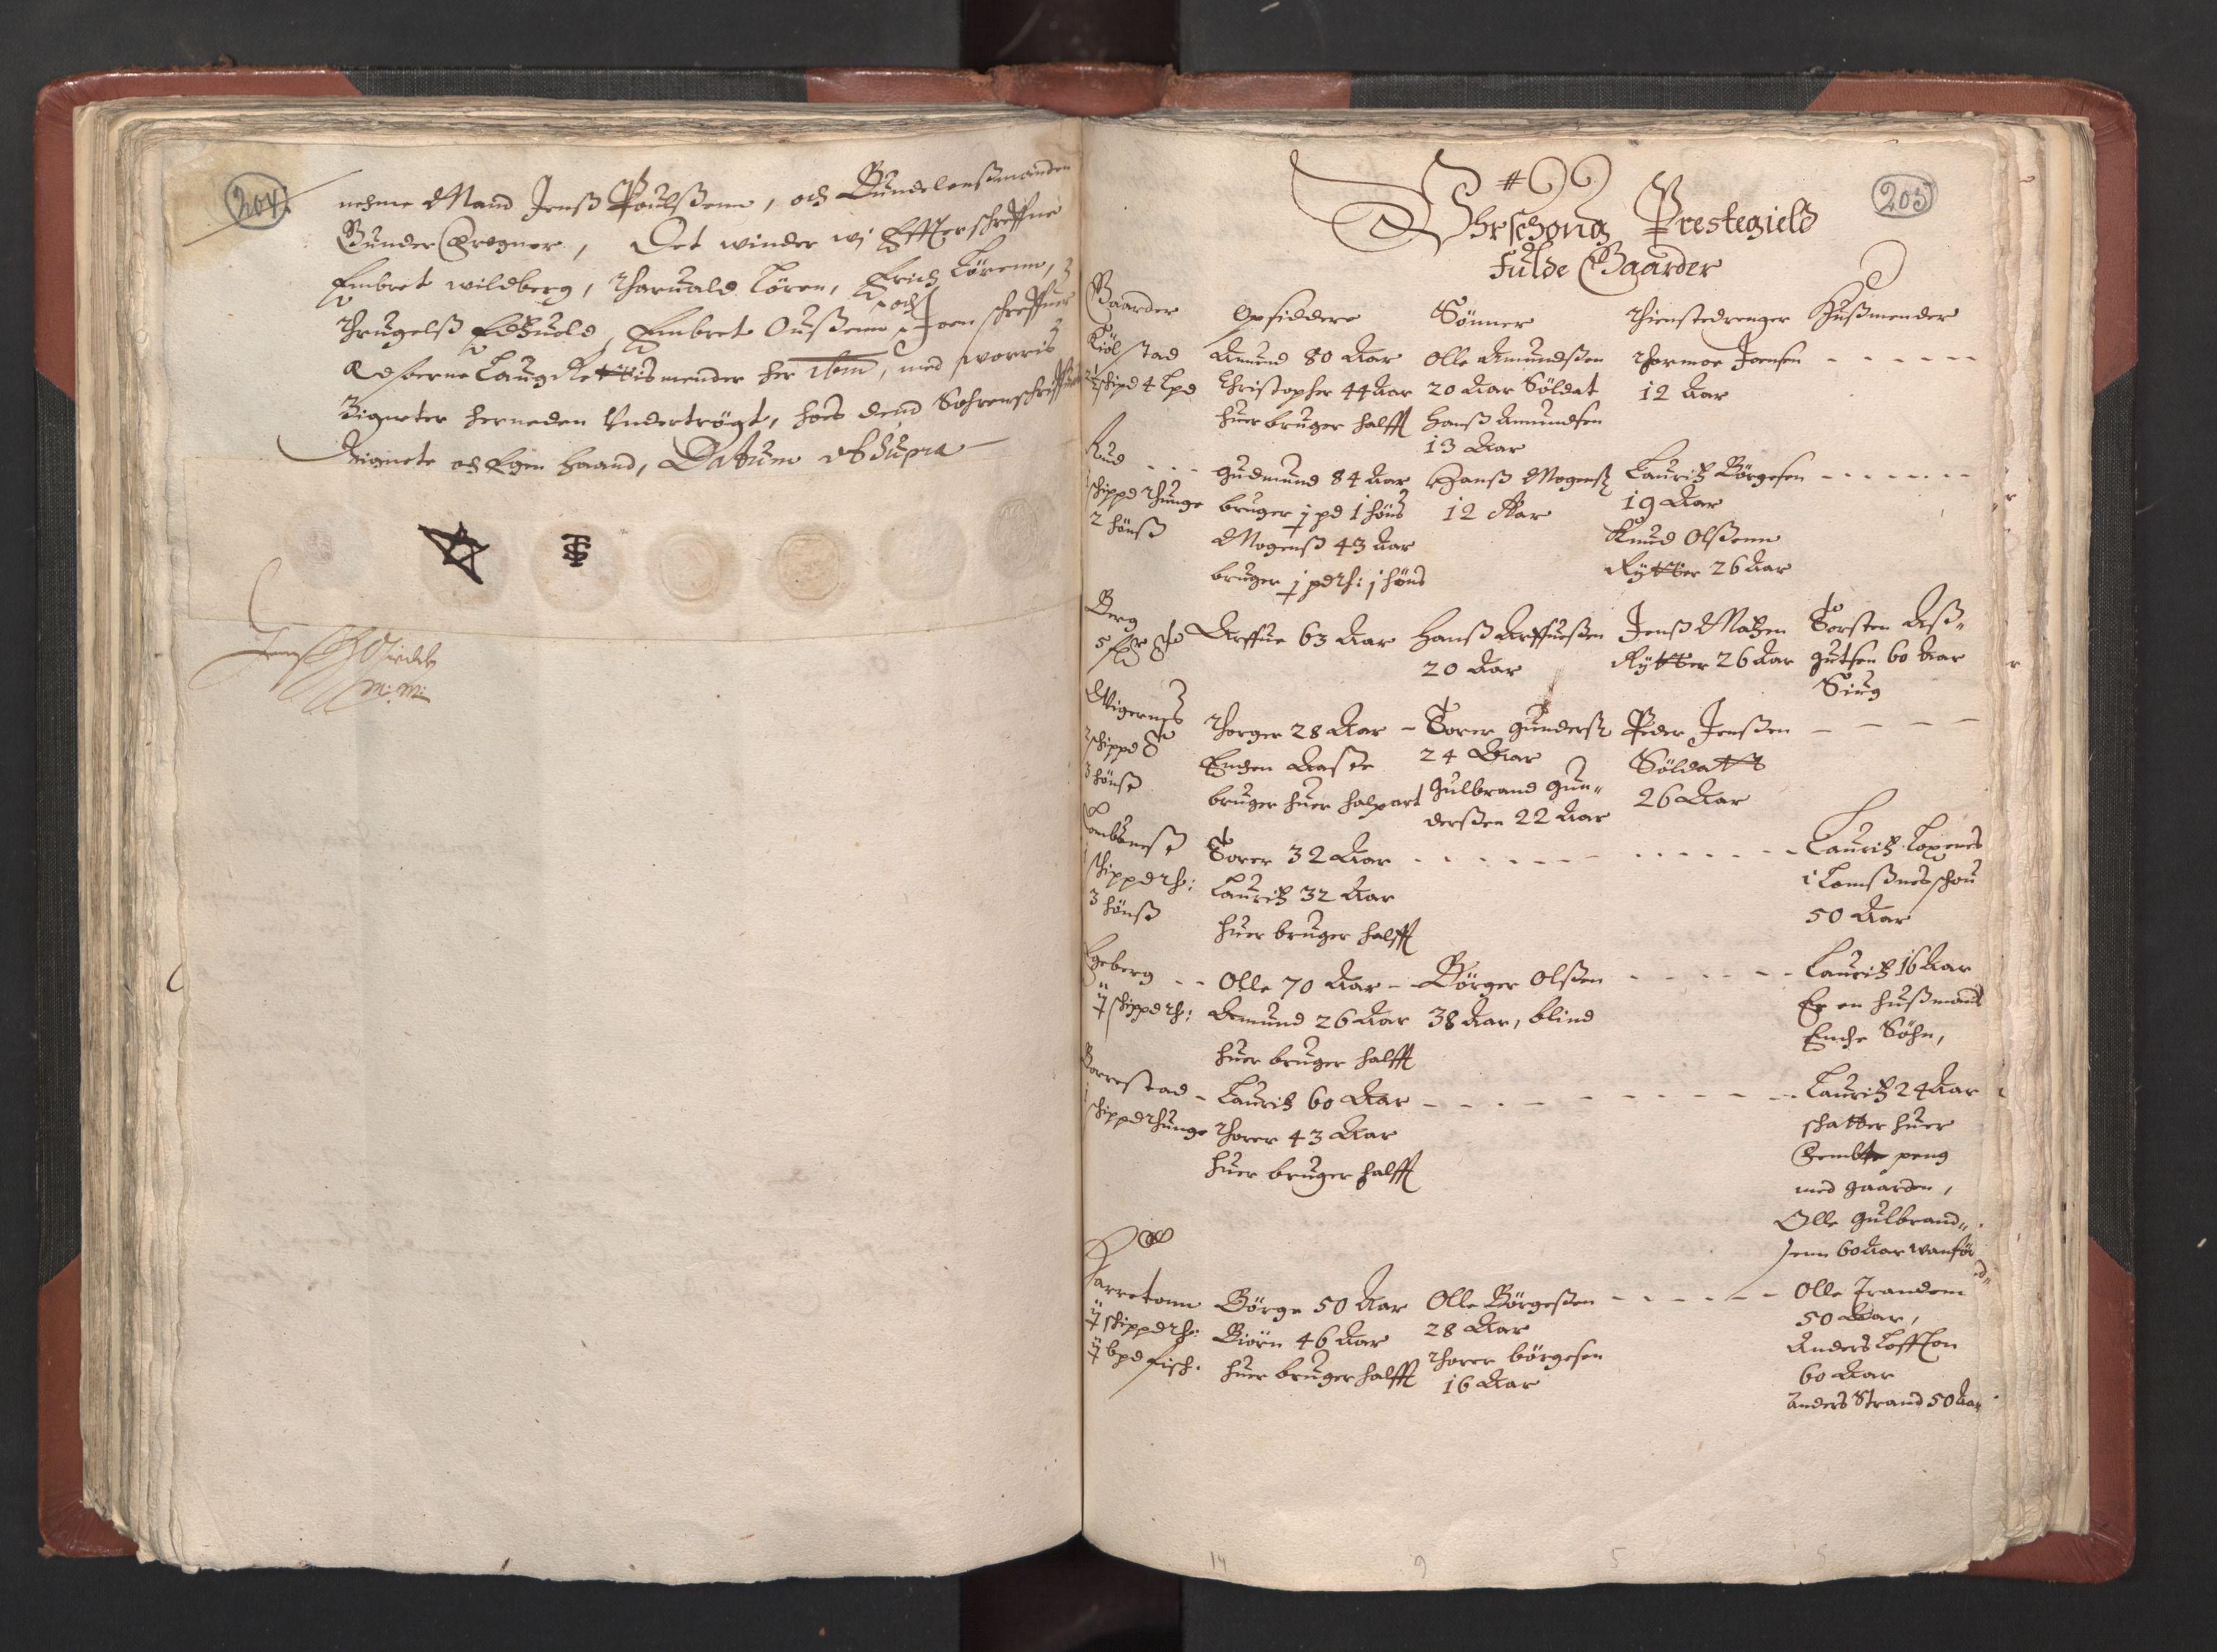 RA, Fogdenes og sorenskrivernes manntall 1664-1666, nr. 2: Aker fogderi, Follo fogderi, Nedre Romerike fogderi og Øvre Romerike fogderi, 1664, s. 204-205